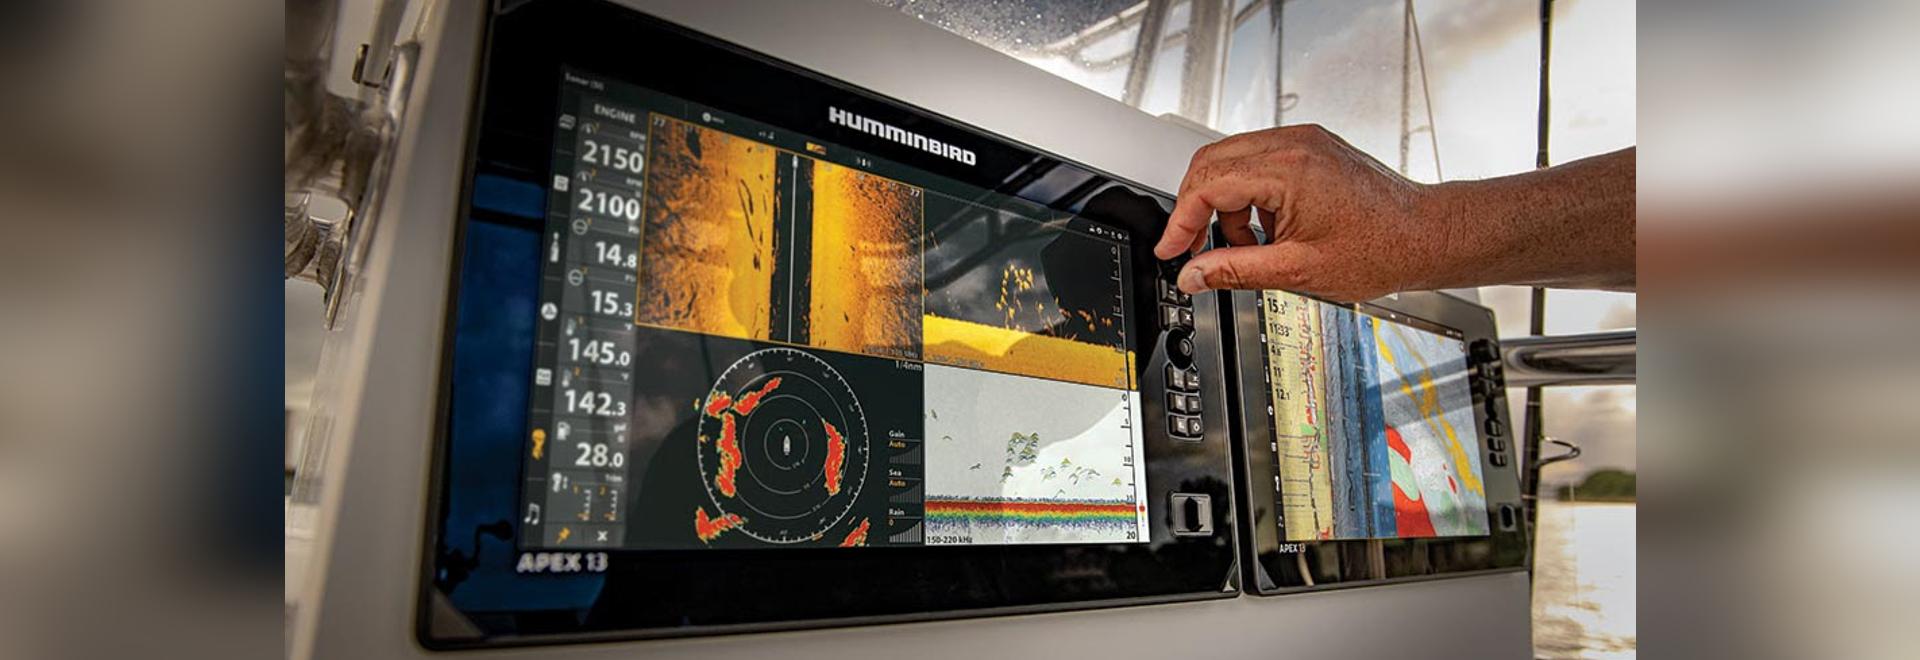 Humminbird presenta la serie APEX: Un MFD Premium con una pantalla Full-HD, un sonar de primera clase y opciones de red